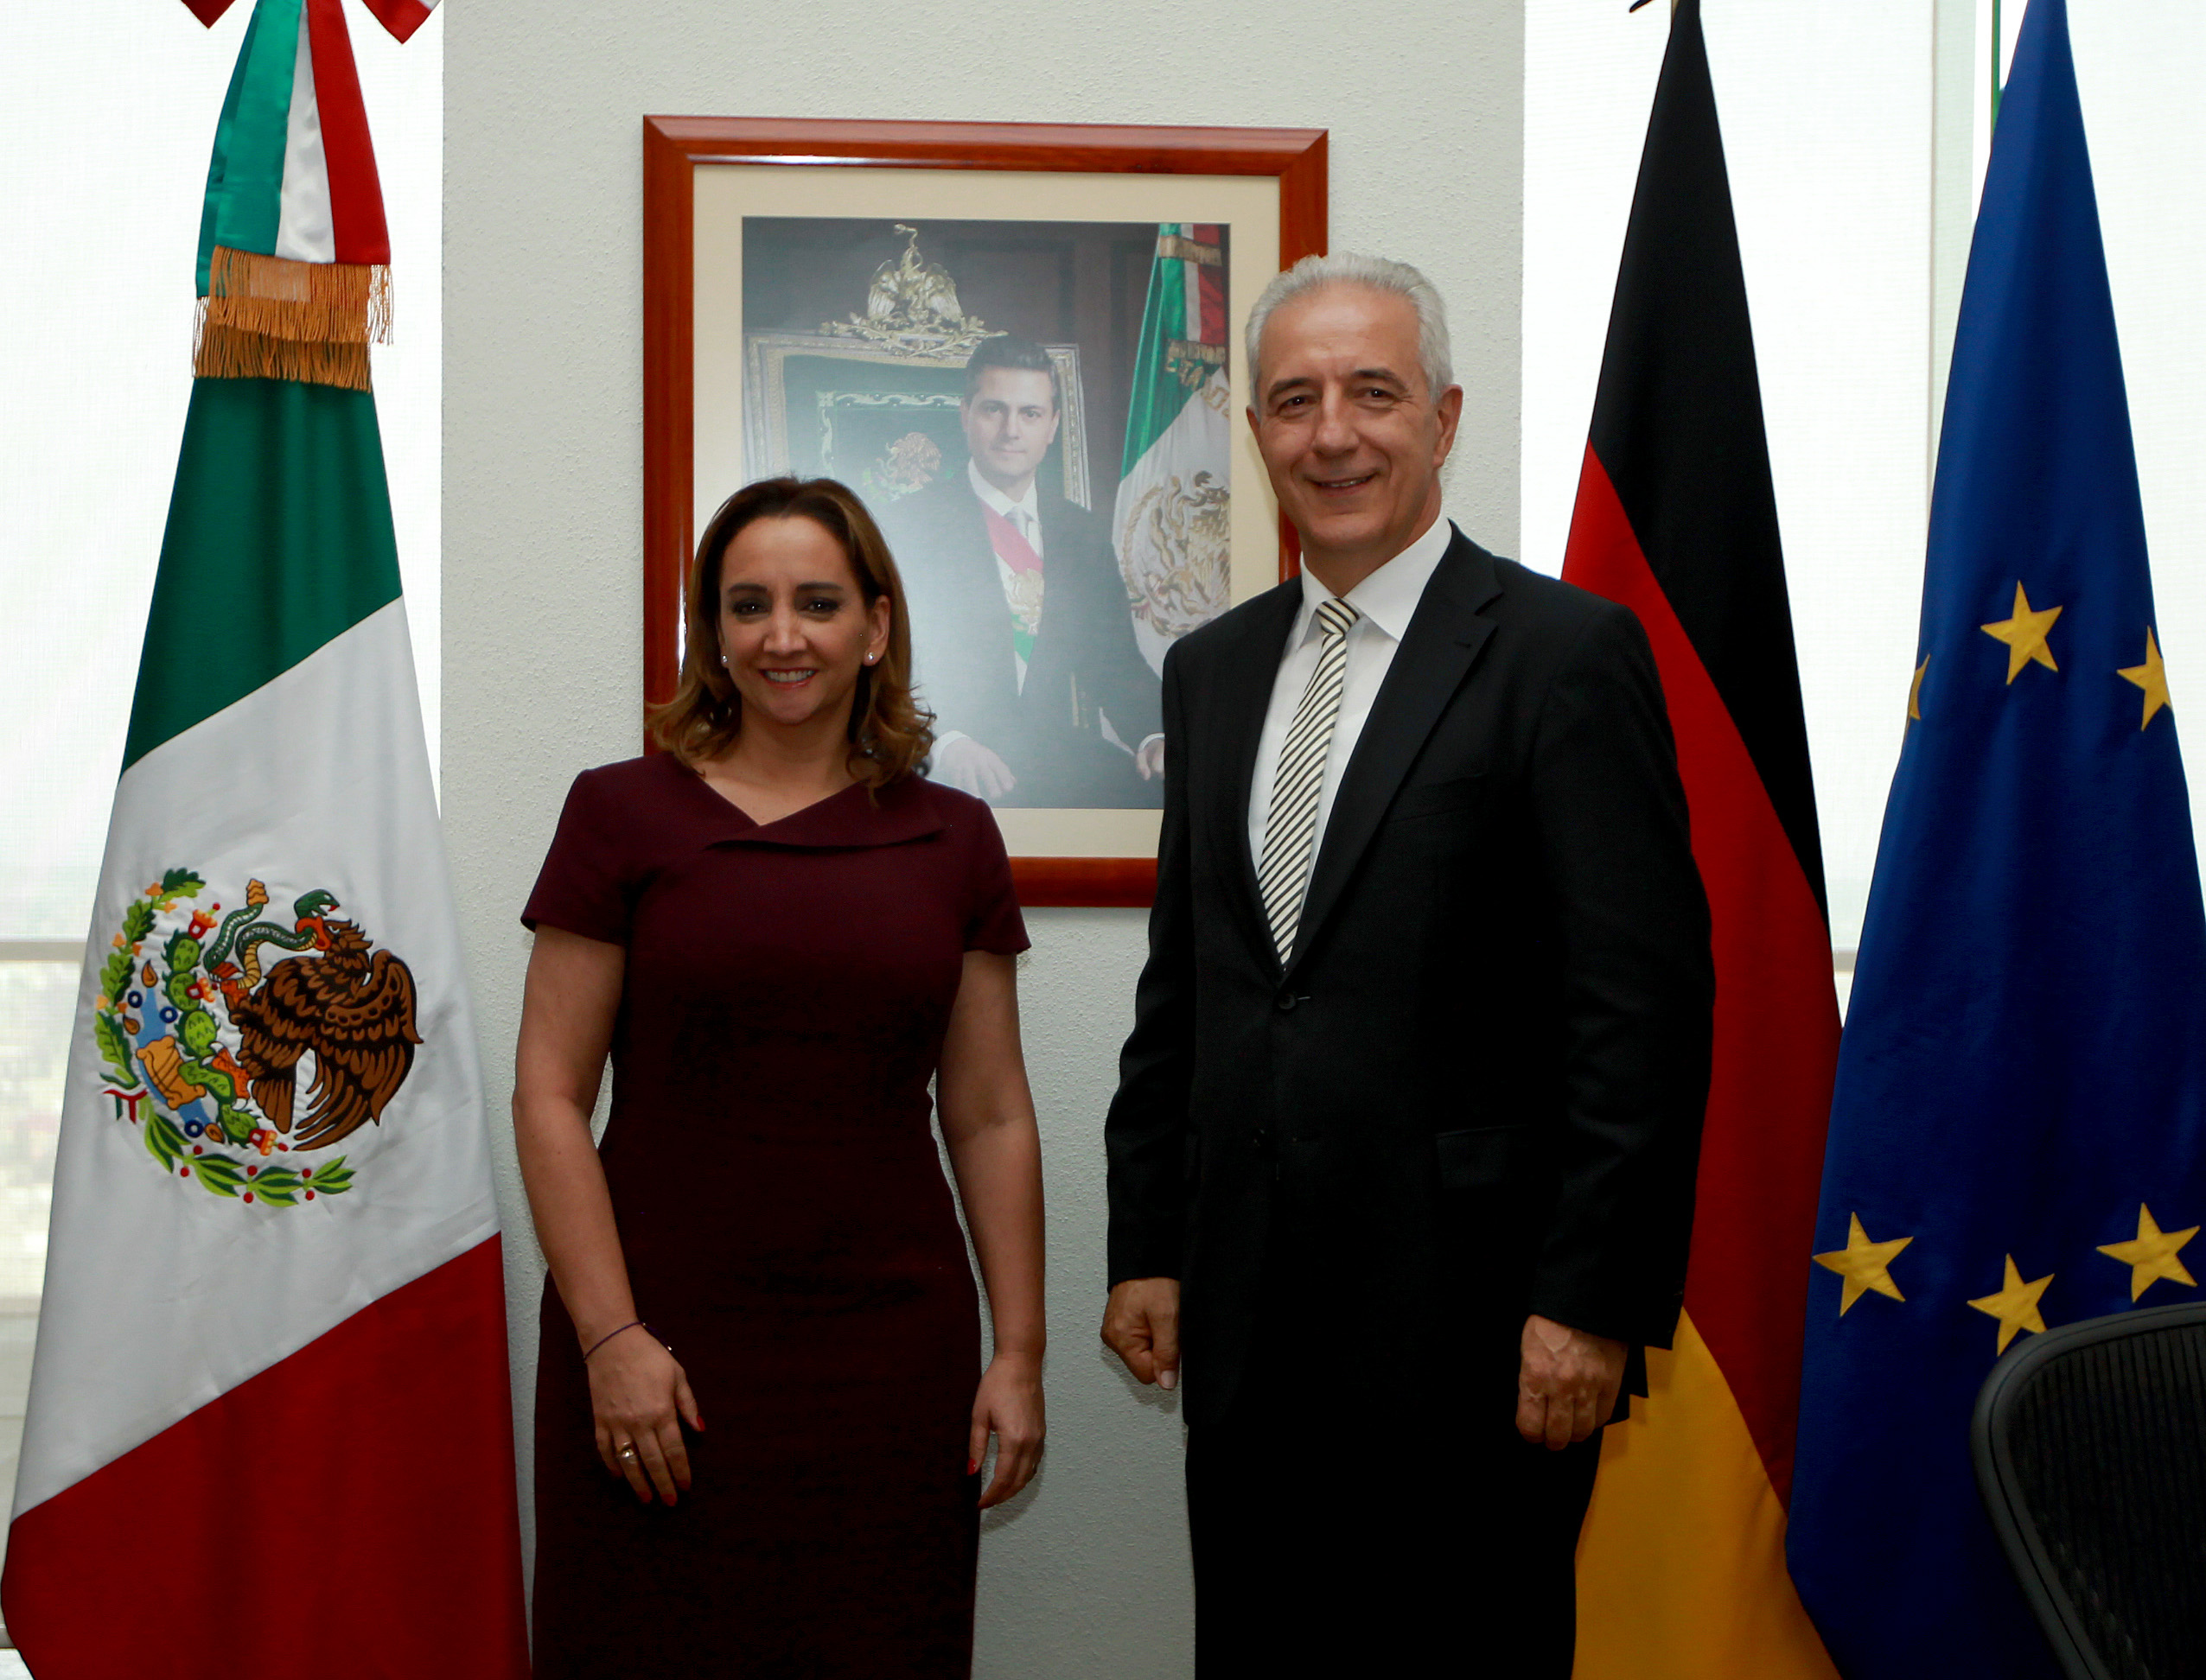 La Secretaria Claudia Ruiz Massieu se reunió con el Presidente del Consejo Federal de Alemania, Sr. Stanislaw Tillich